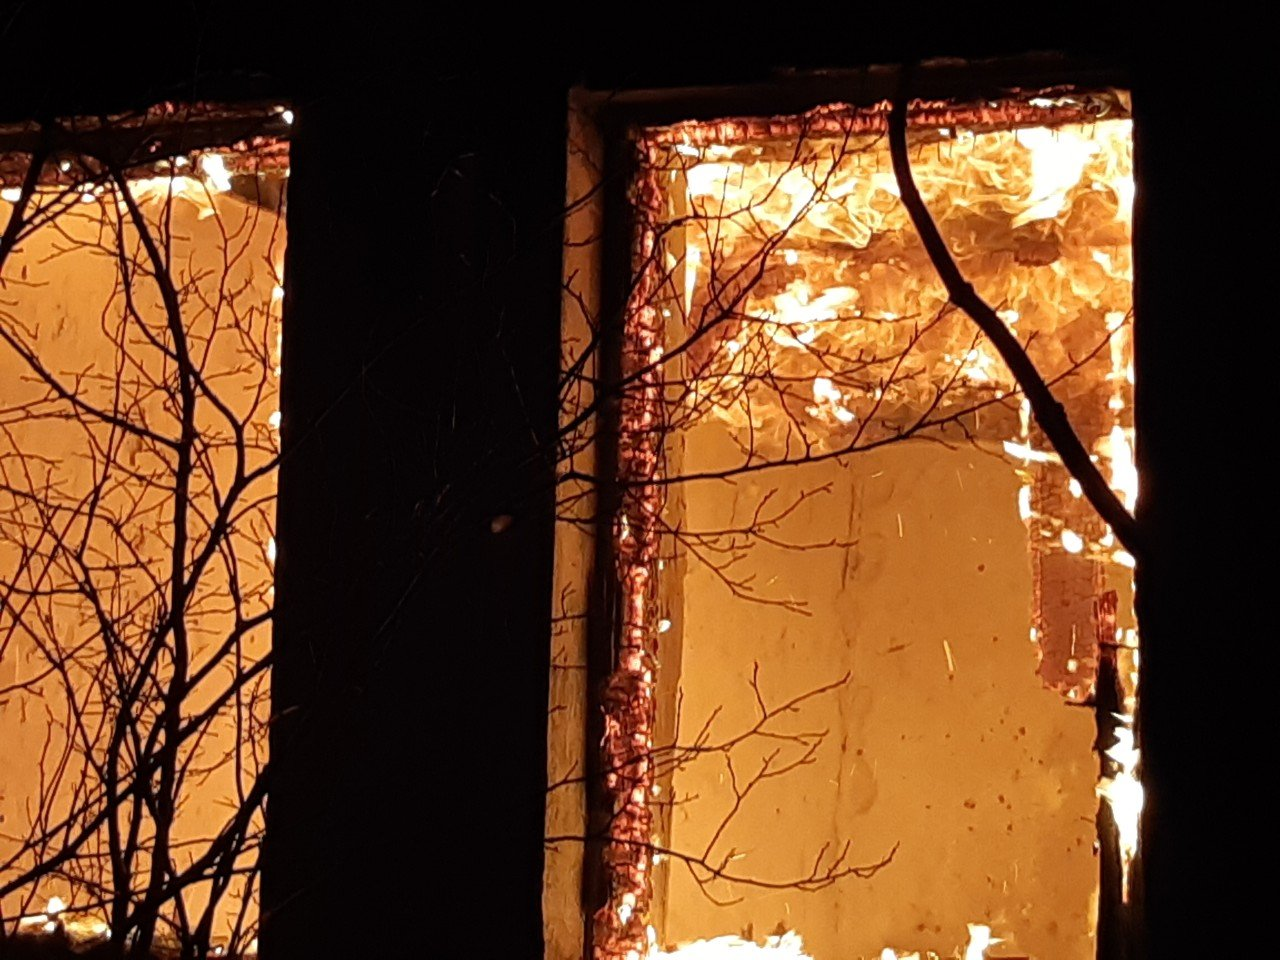 На Харьковщине спасатели несколько часов тушили загоревшийся частный дом, - ФОТО, фото-1